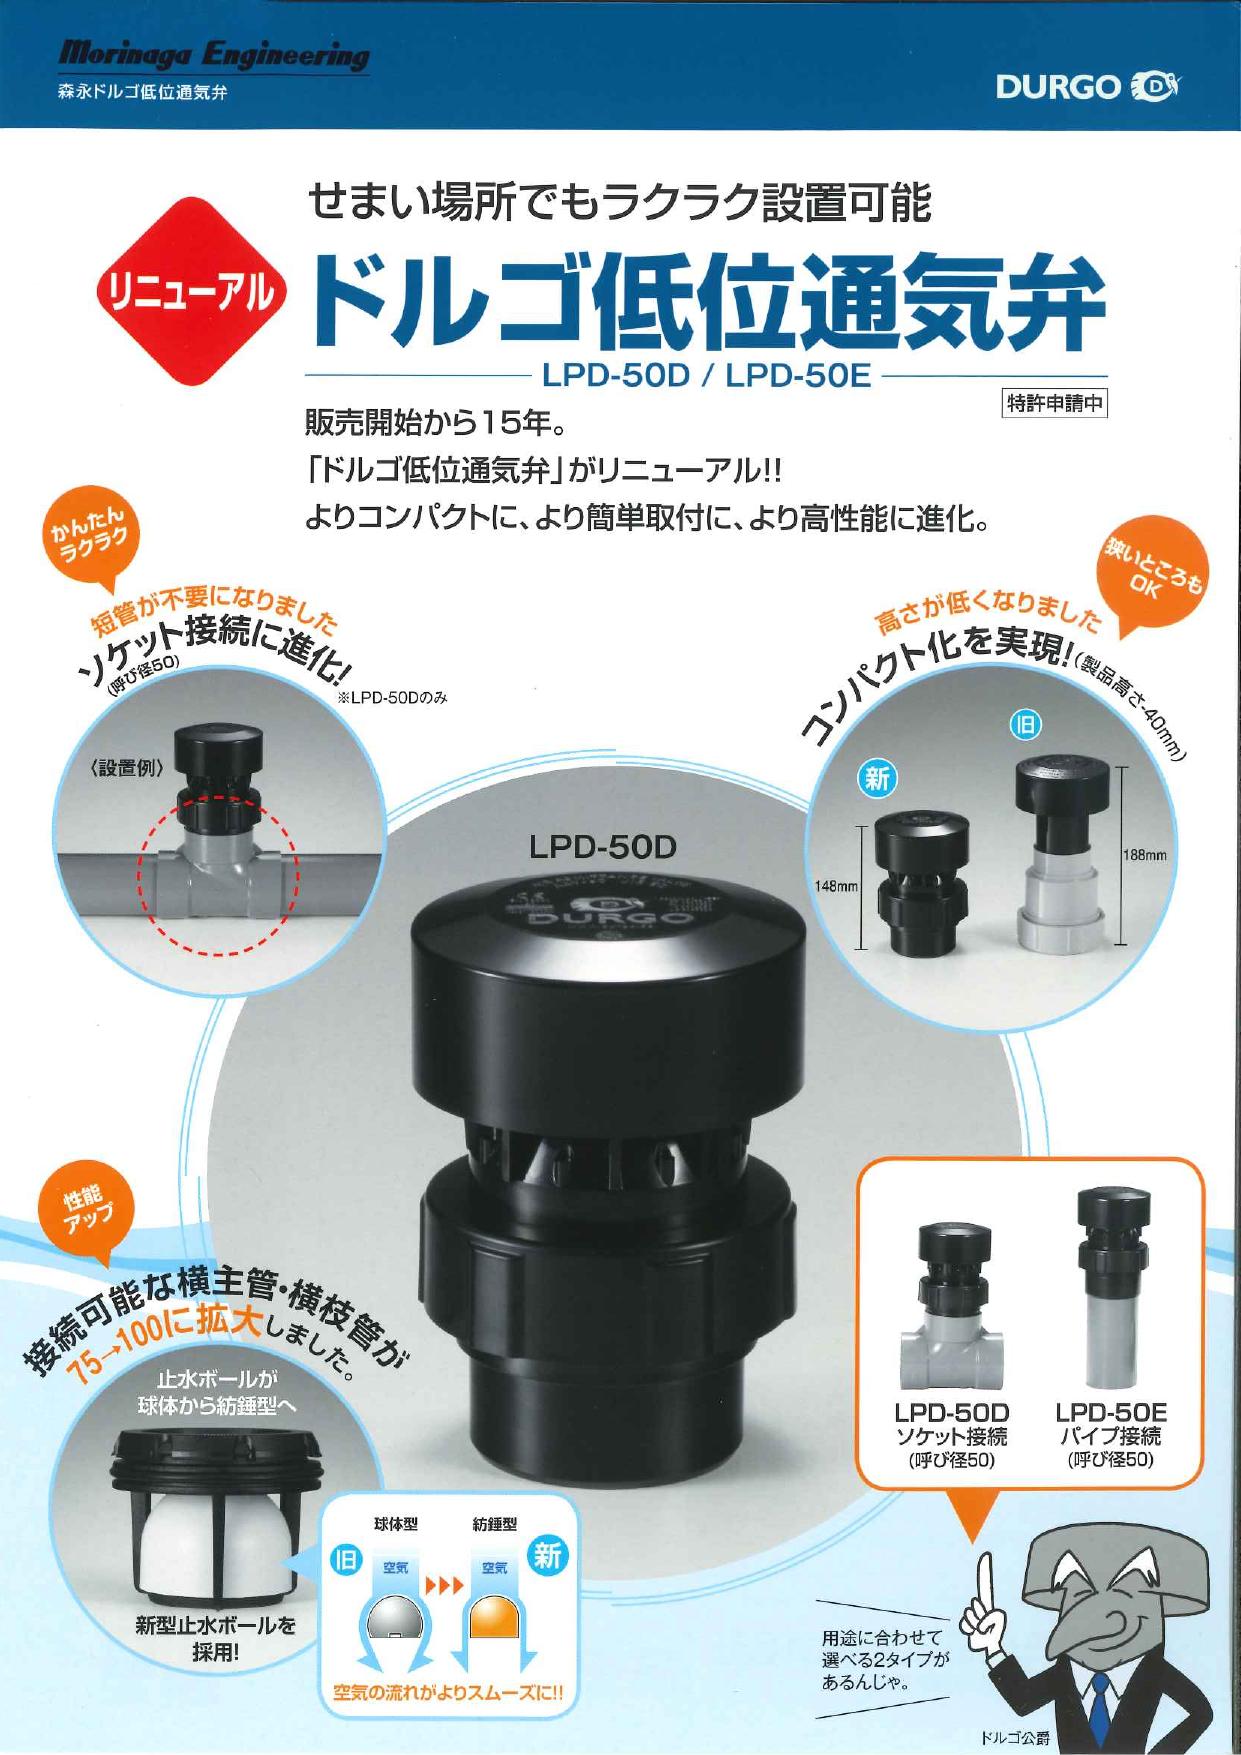 せまい場所でもラクラク設置可能 ドルゴ低位通気弁 LPD-50D/LPD-50E